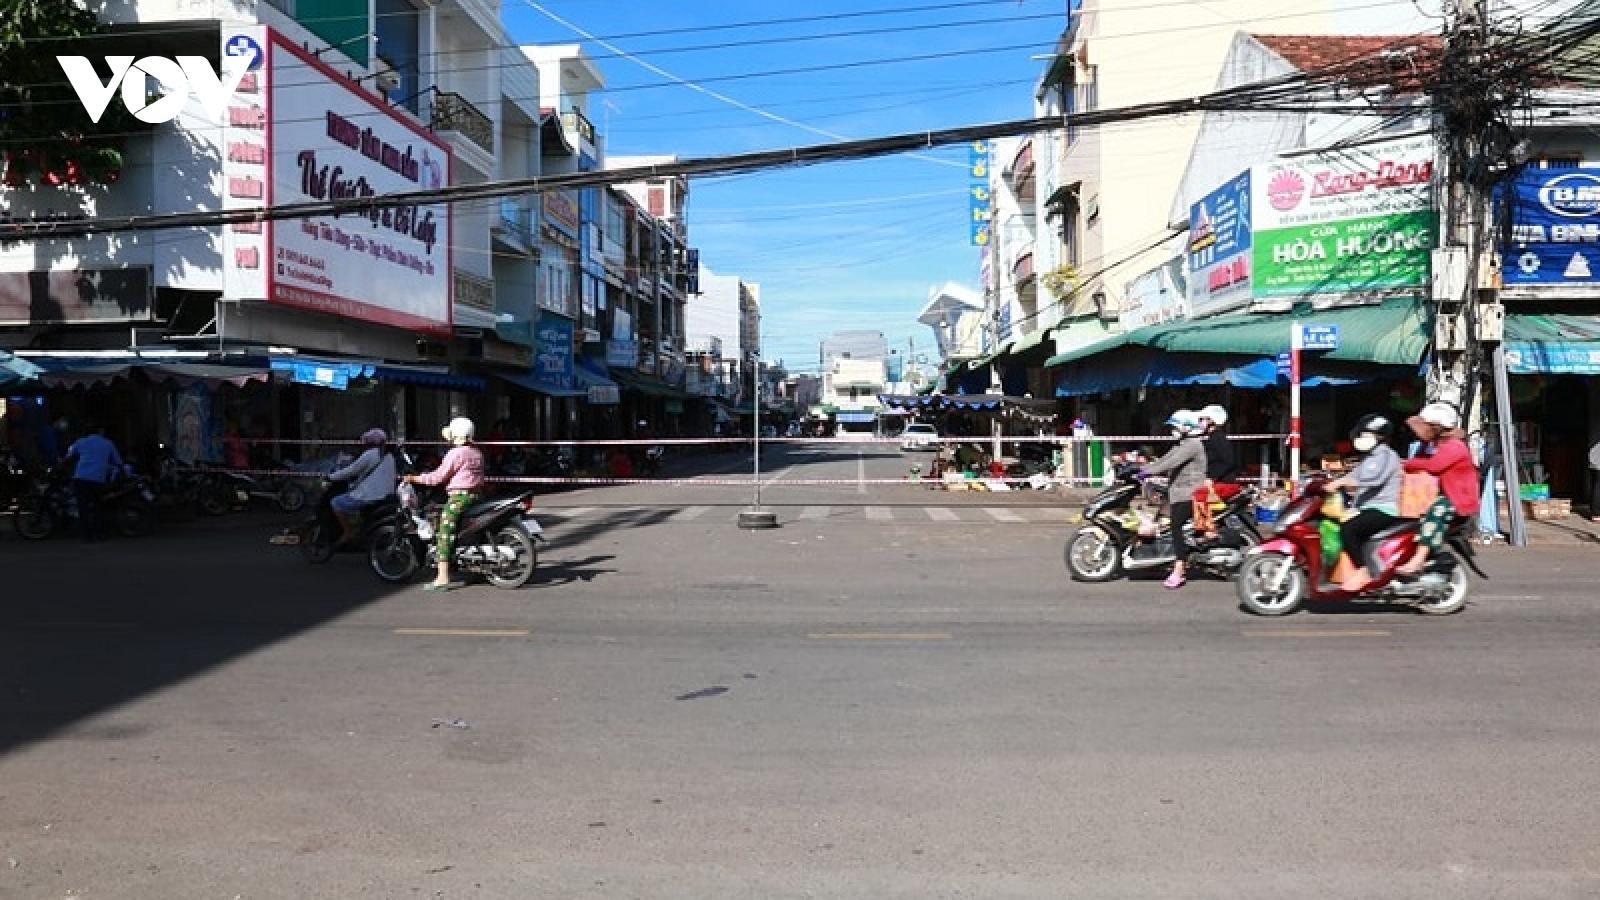 Chuyển biến trong chống dịch, Bình Thuận thay đổi biện pháp giãn cách ở thị xã La Gi